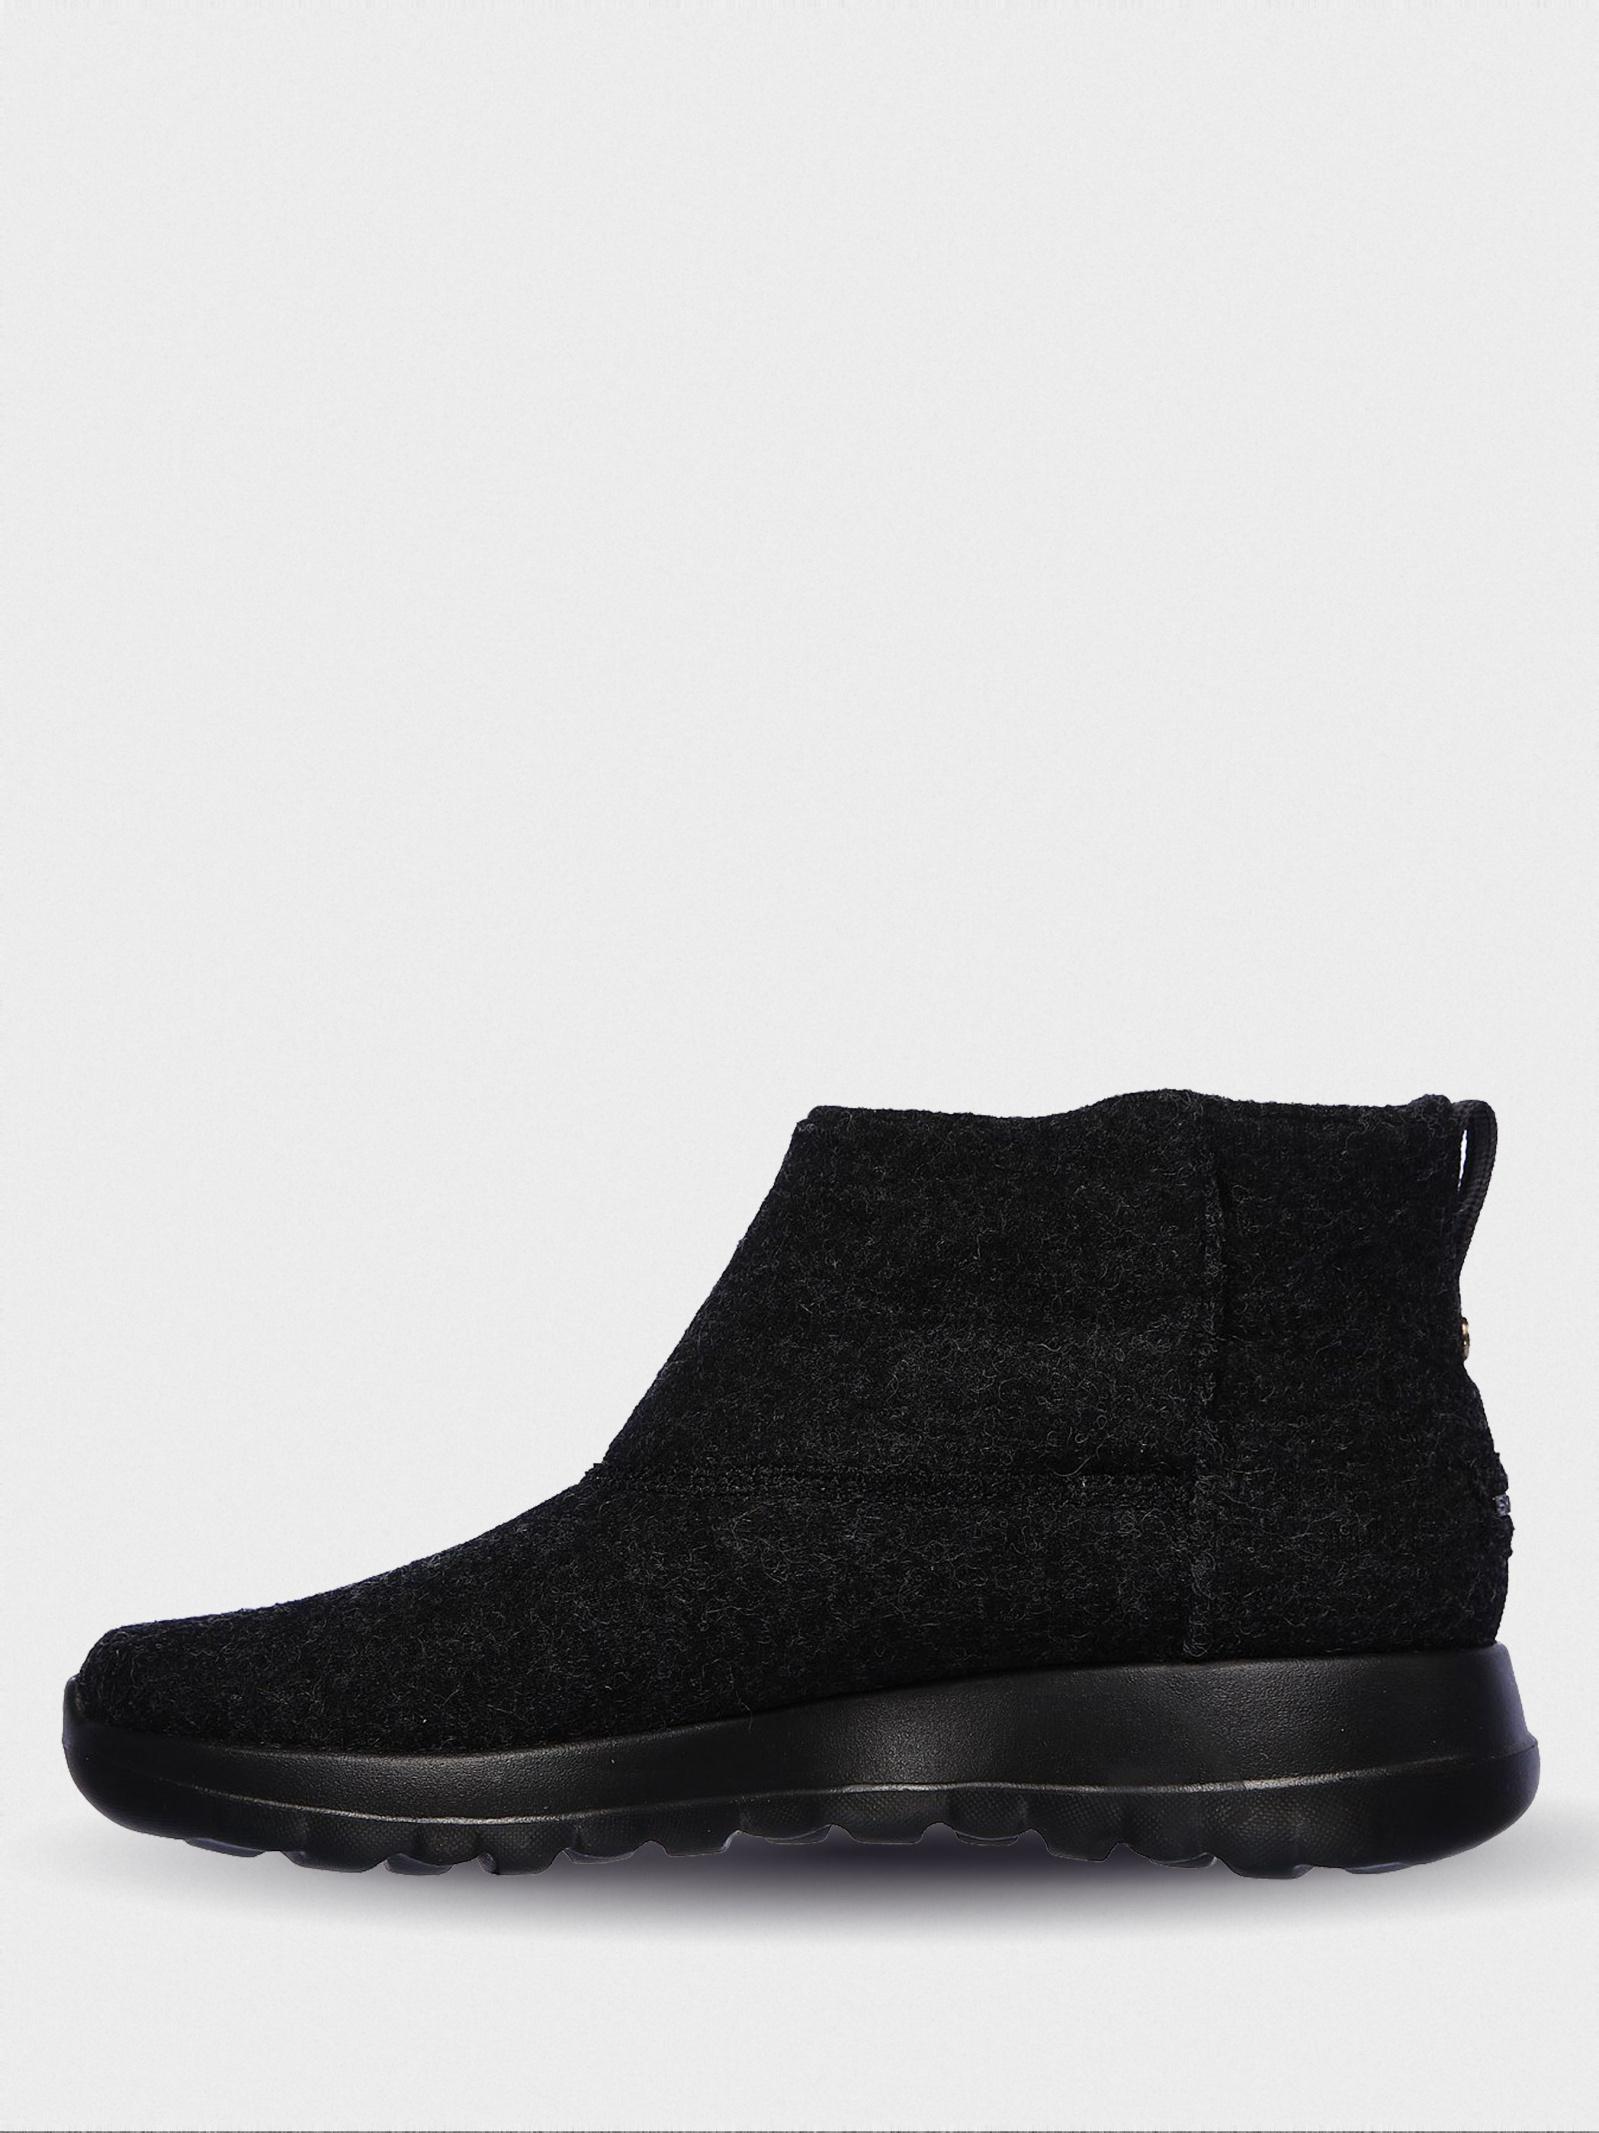 Ботинки для женщин Skechers 78900 BBK модная обувь, 2017